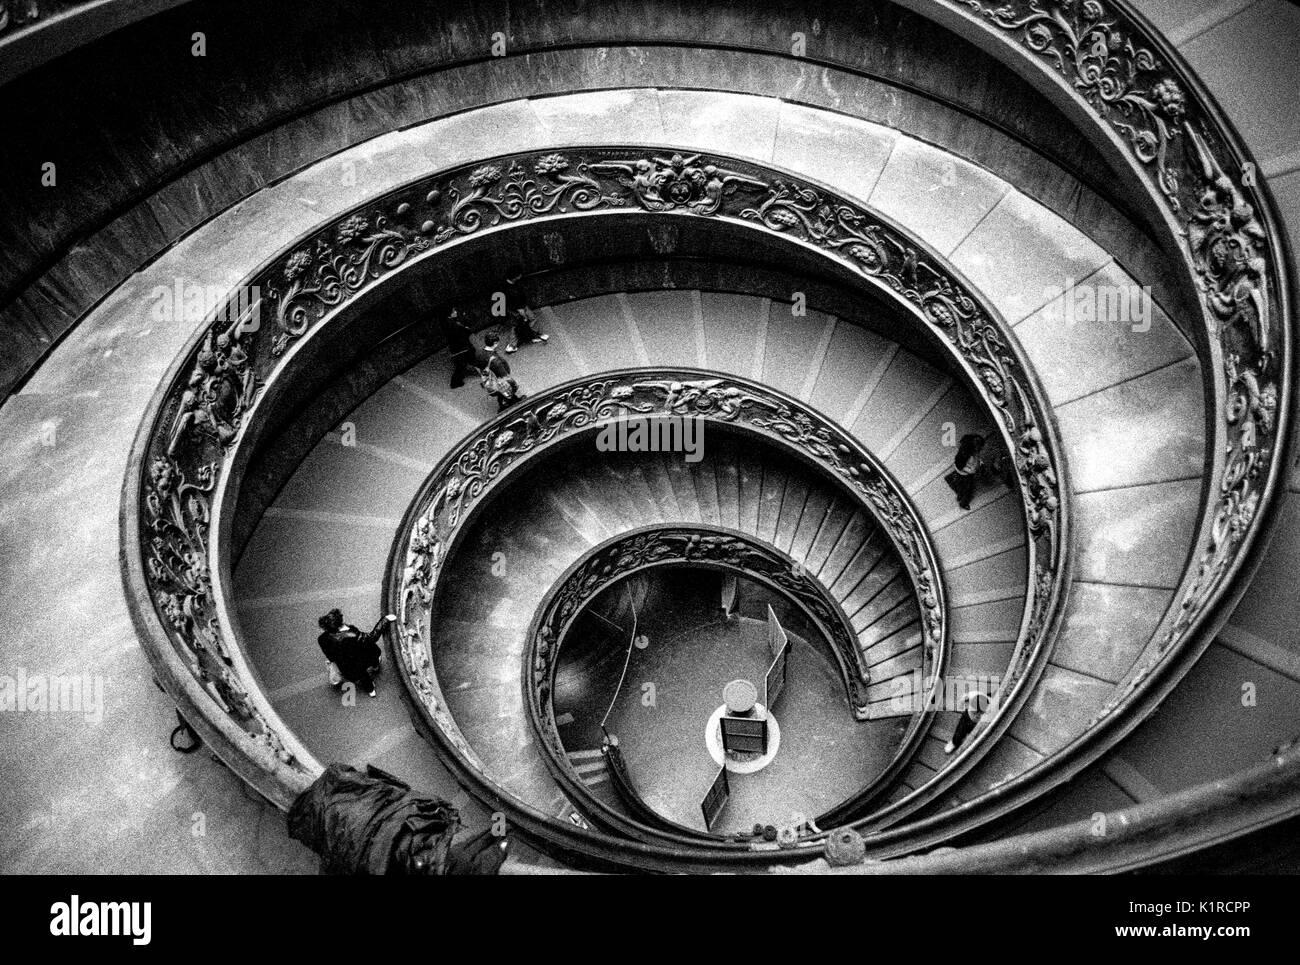 Escalier Momo le Musée du Vatican Rome numérisées à partir de Film en noir et blanc Photo Stock